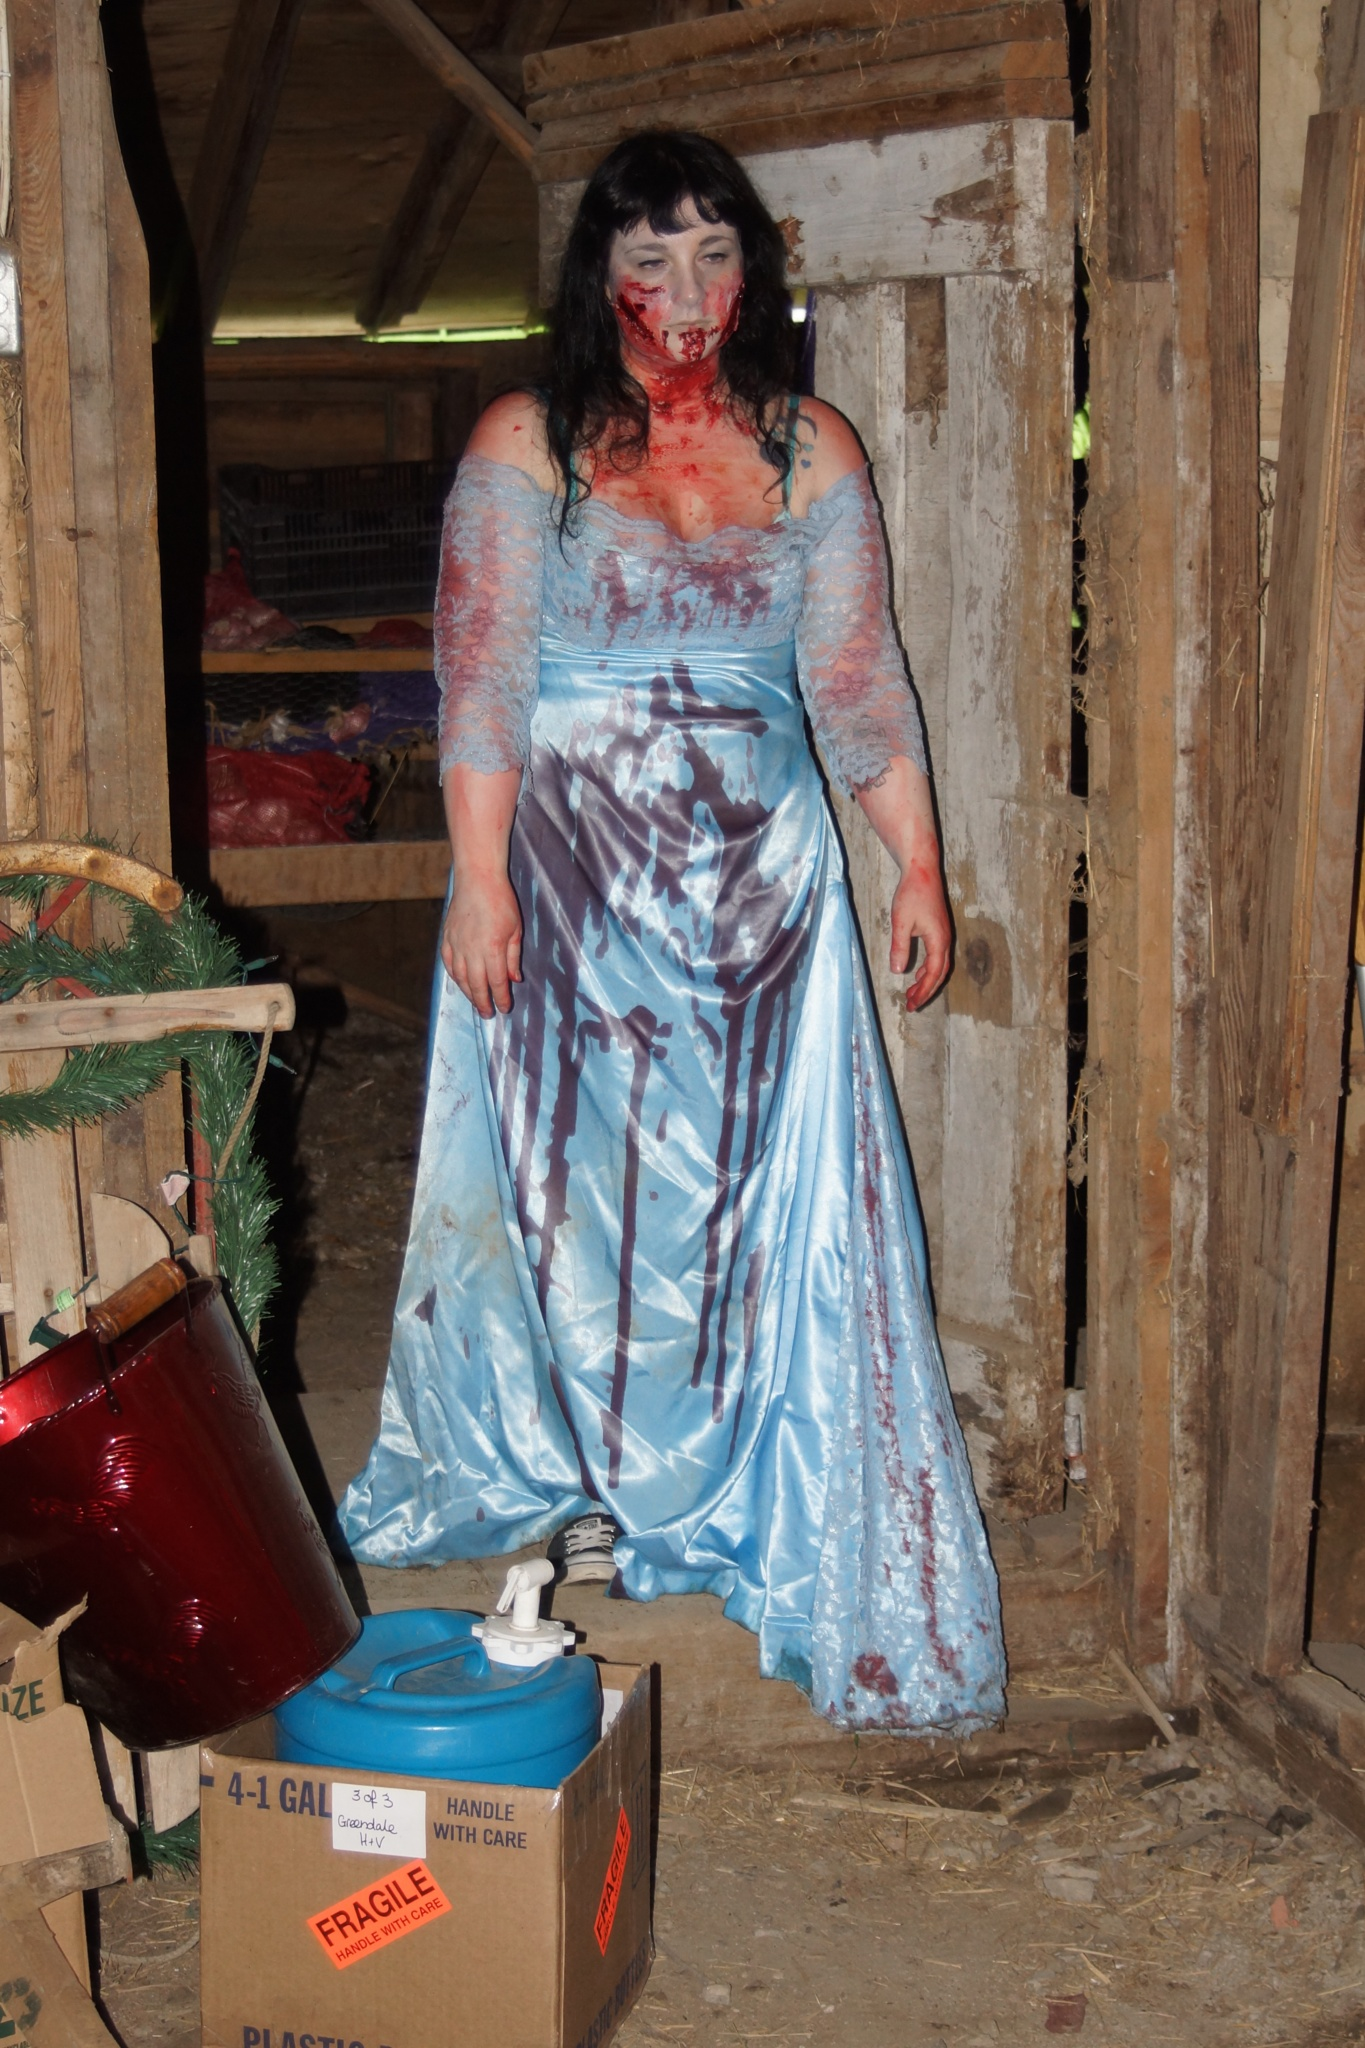 The zombie feeds by Jestferlaffs